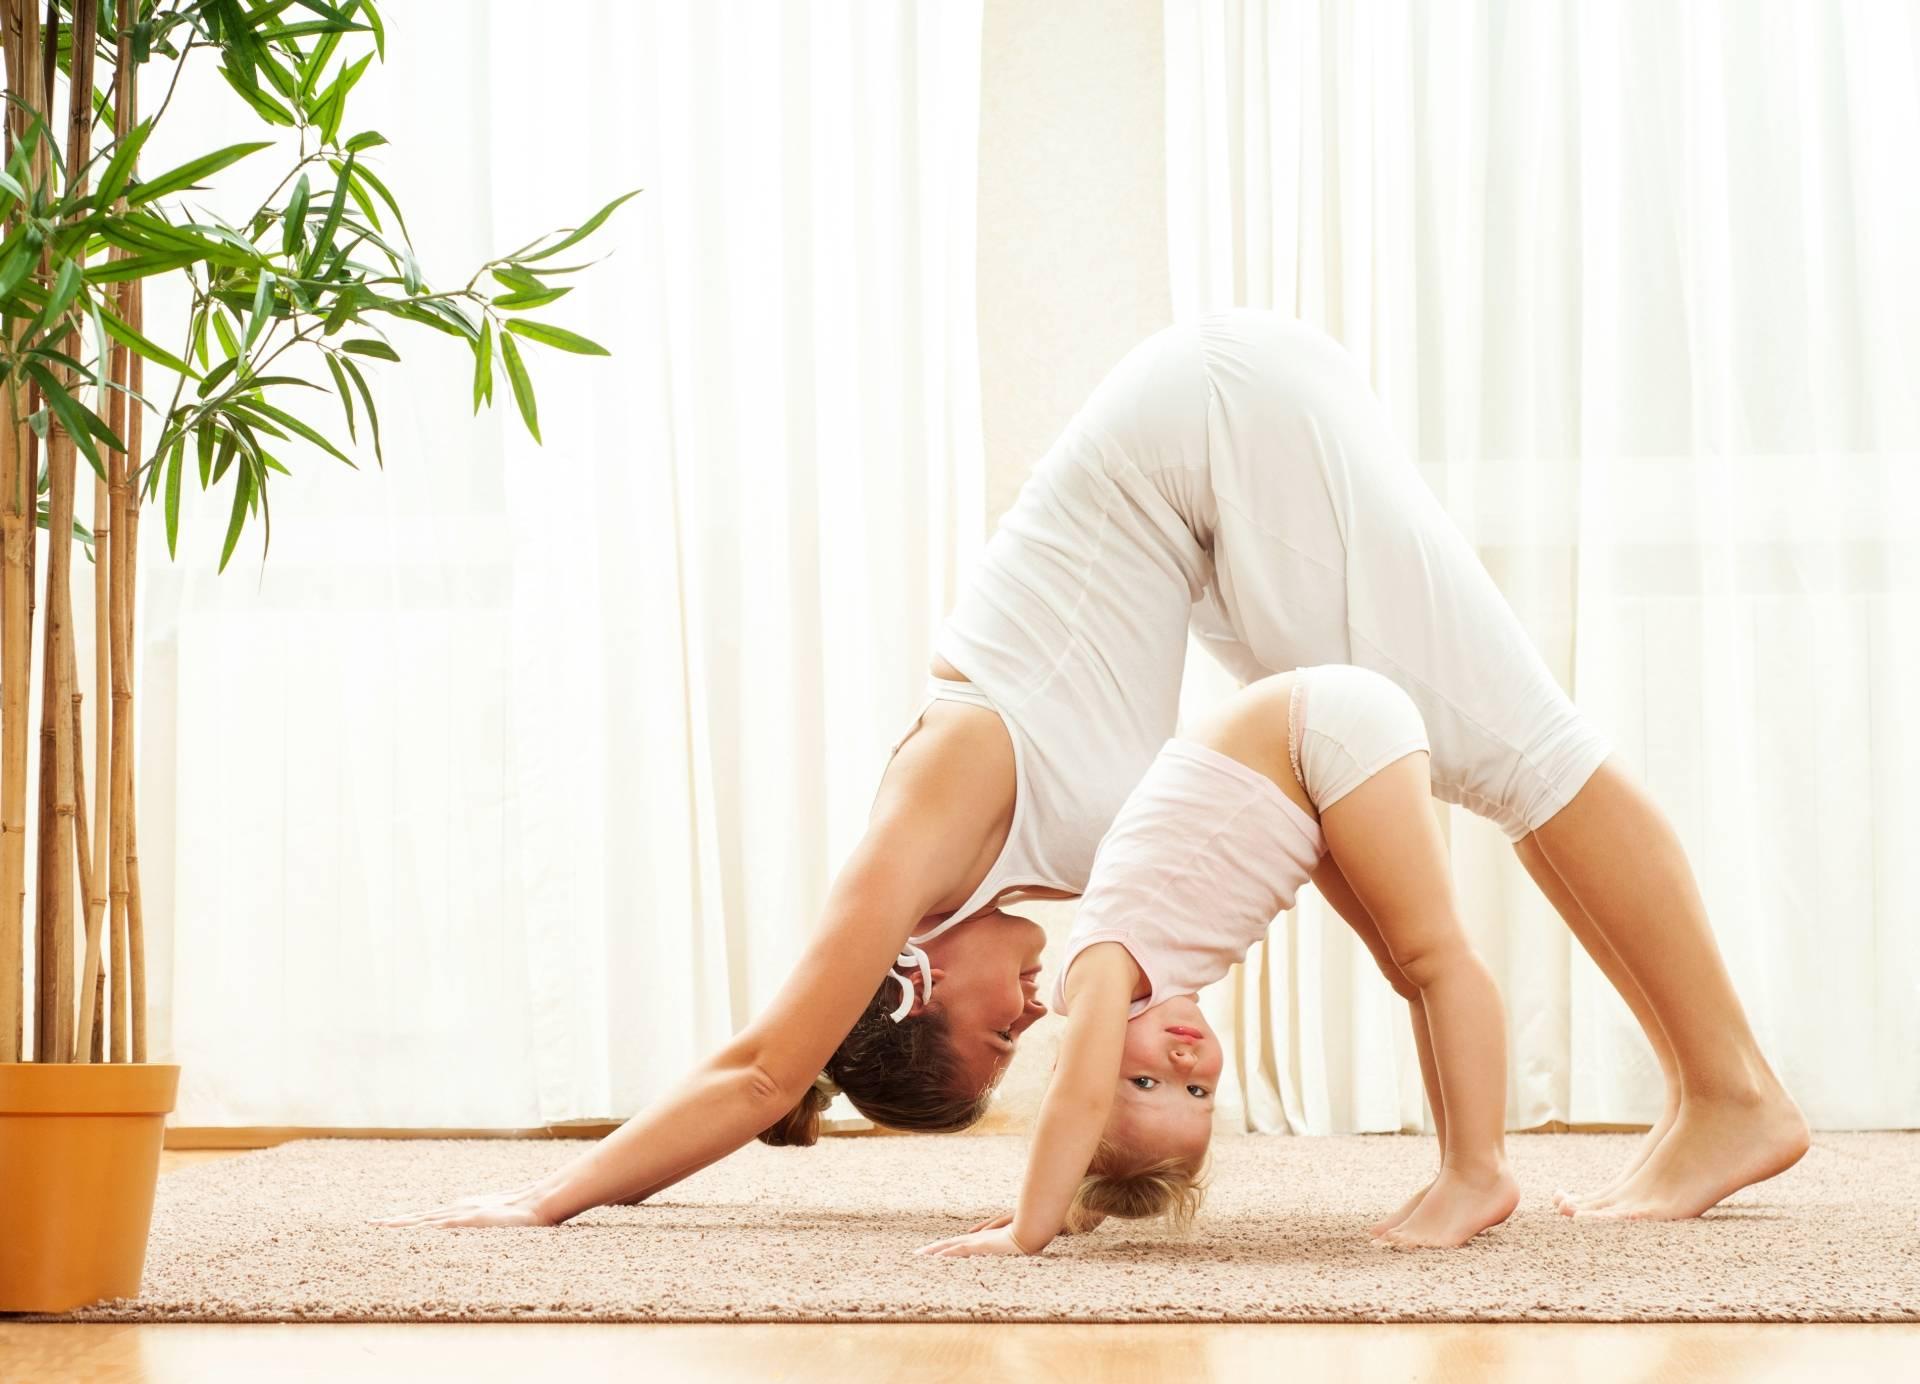 Ćwiczenia z dzieckiem: jak ćwiczyć z dzieckiem w domu?